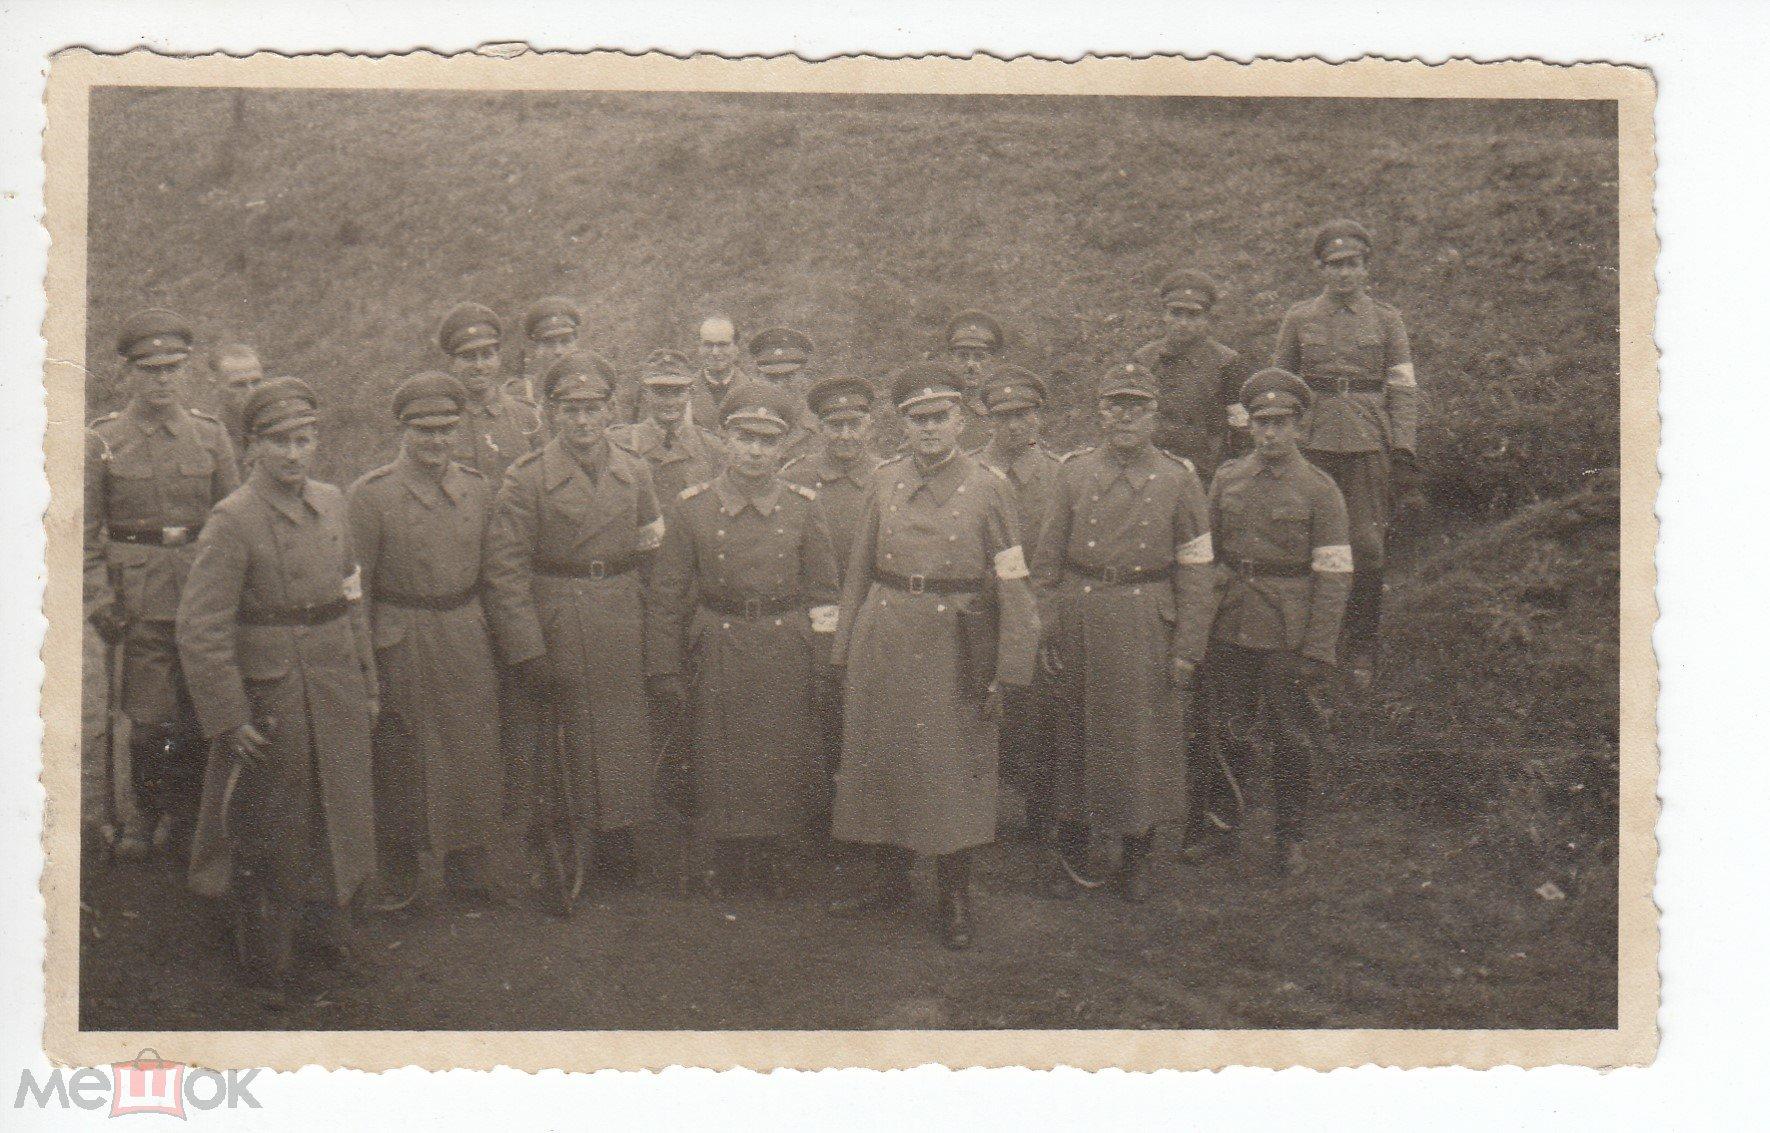 НЕМЕЦКИЕ СОЛДАТЫ С БЕЛЫМИ ПОВЯЗКАМИ НА РУКАХ.  ВОВ 1941-1945. 3 Рейх.  (#Cgf-f4-06)